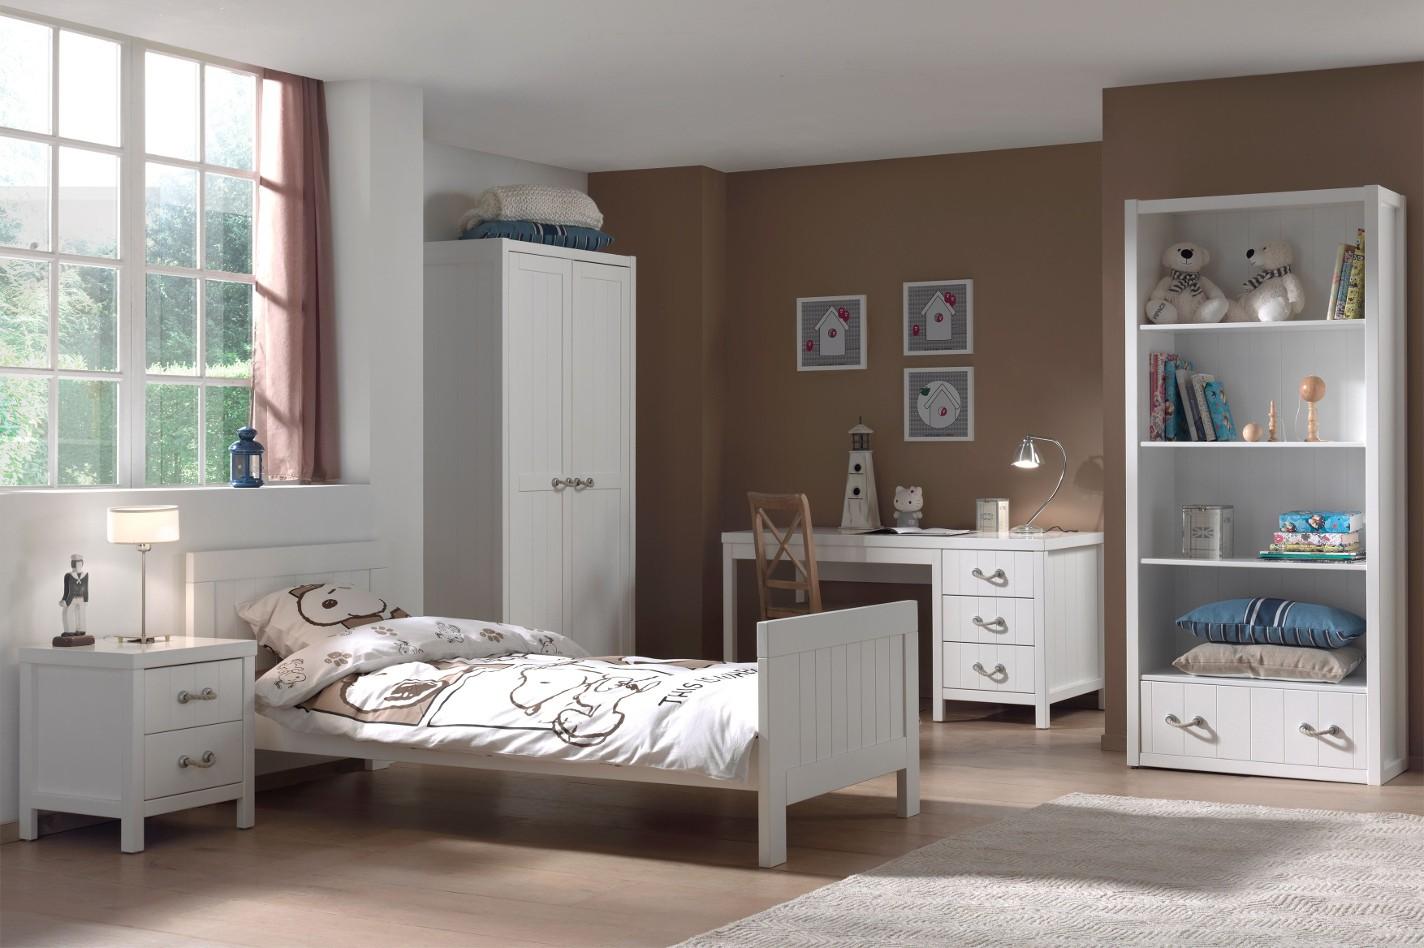 jugendzimmer lewis - komplett mit einzelbett, kleiderschrank 2